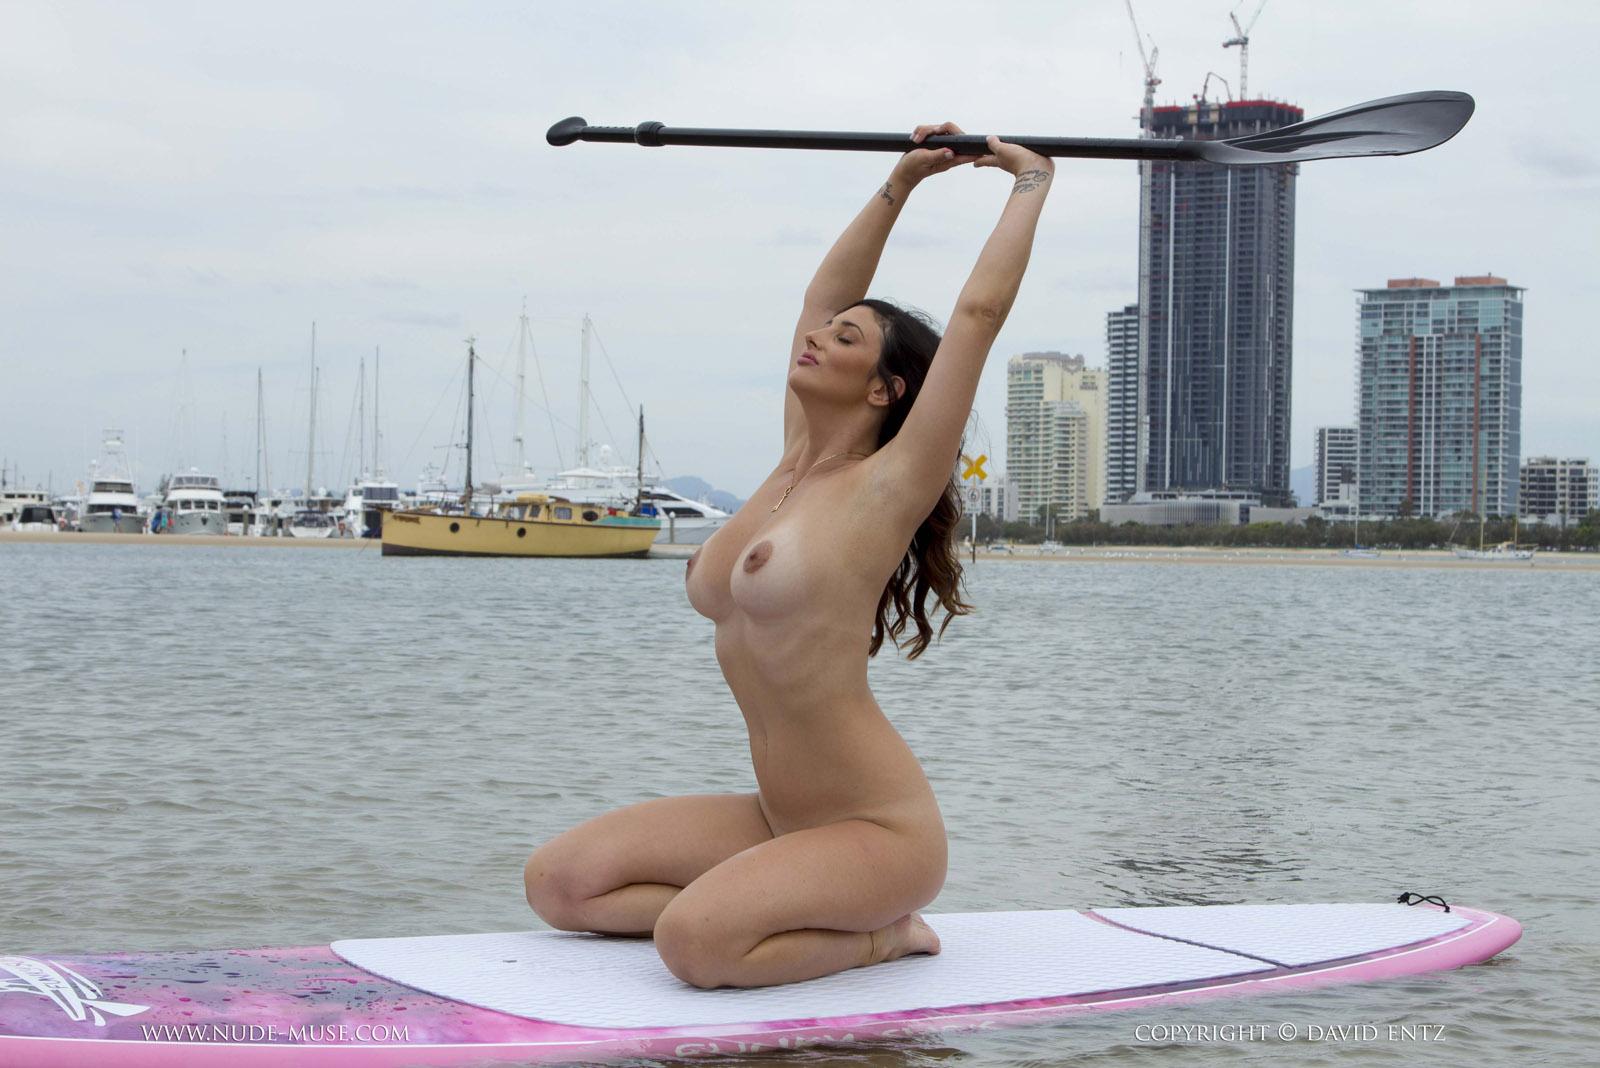 Nude picture board